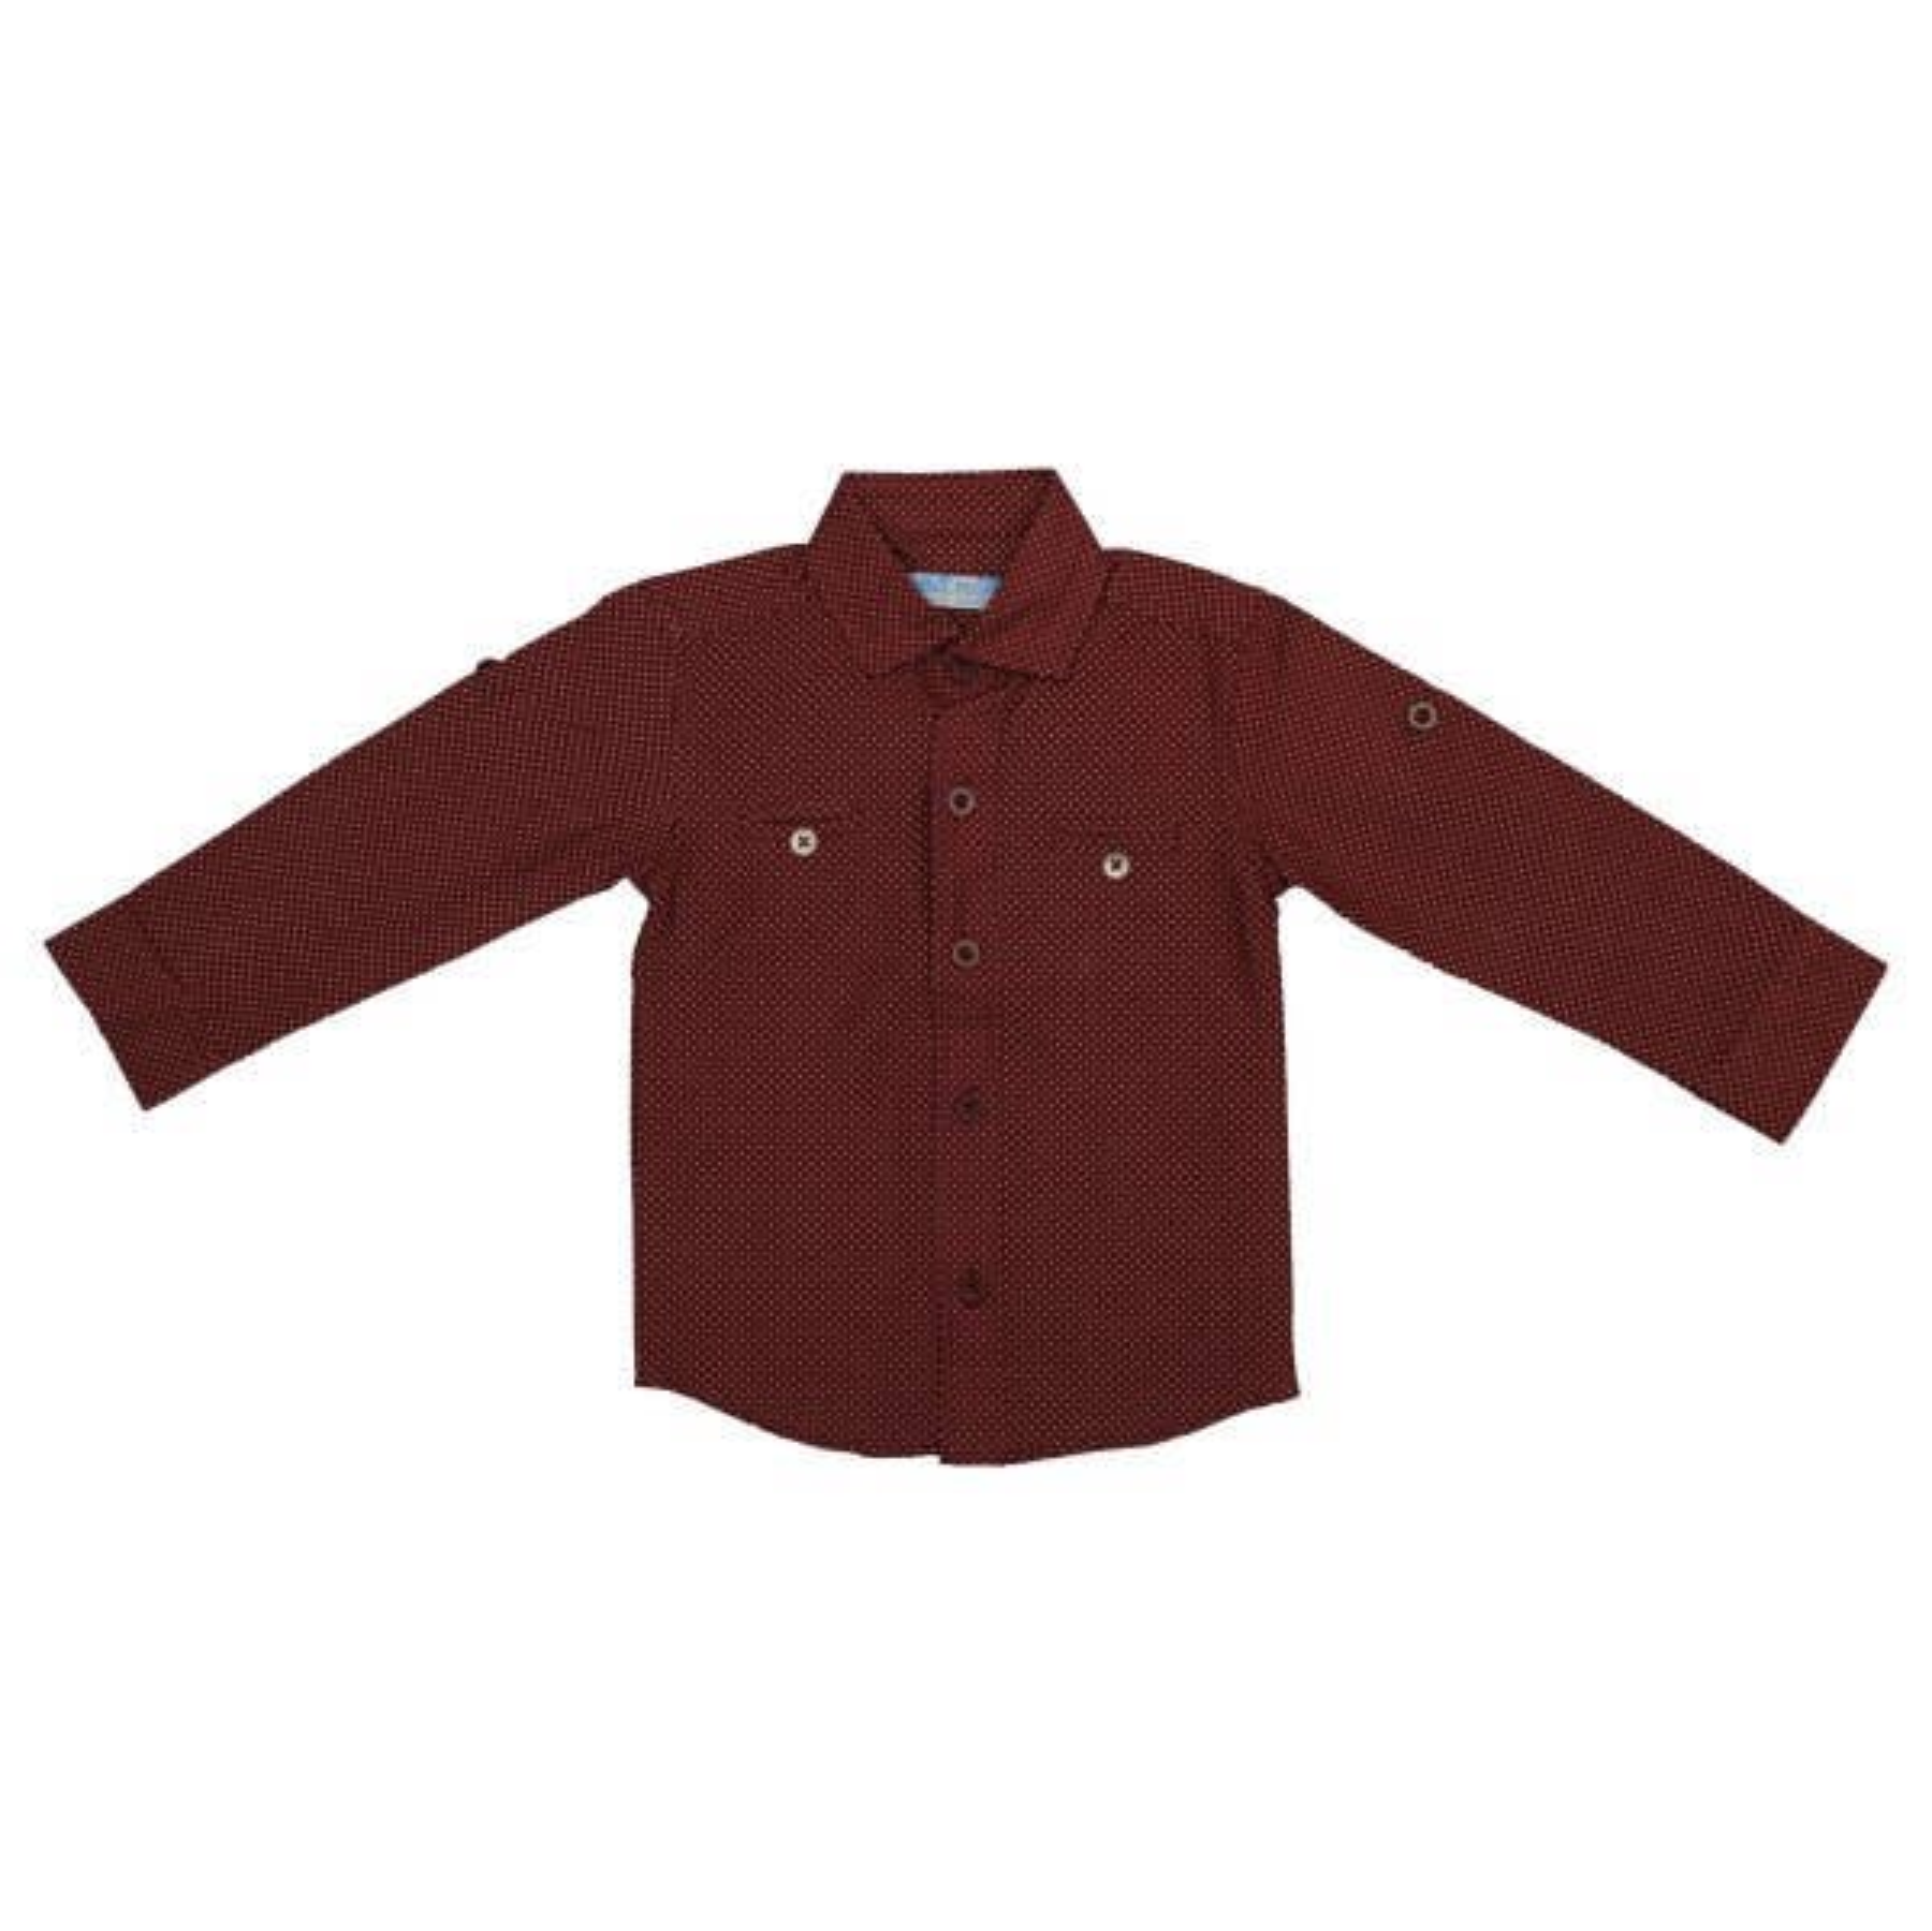 پیراهن پسرانه اسمال پیپل کد M-311